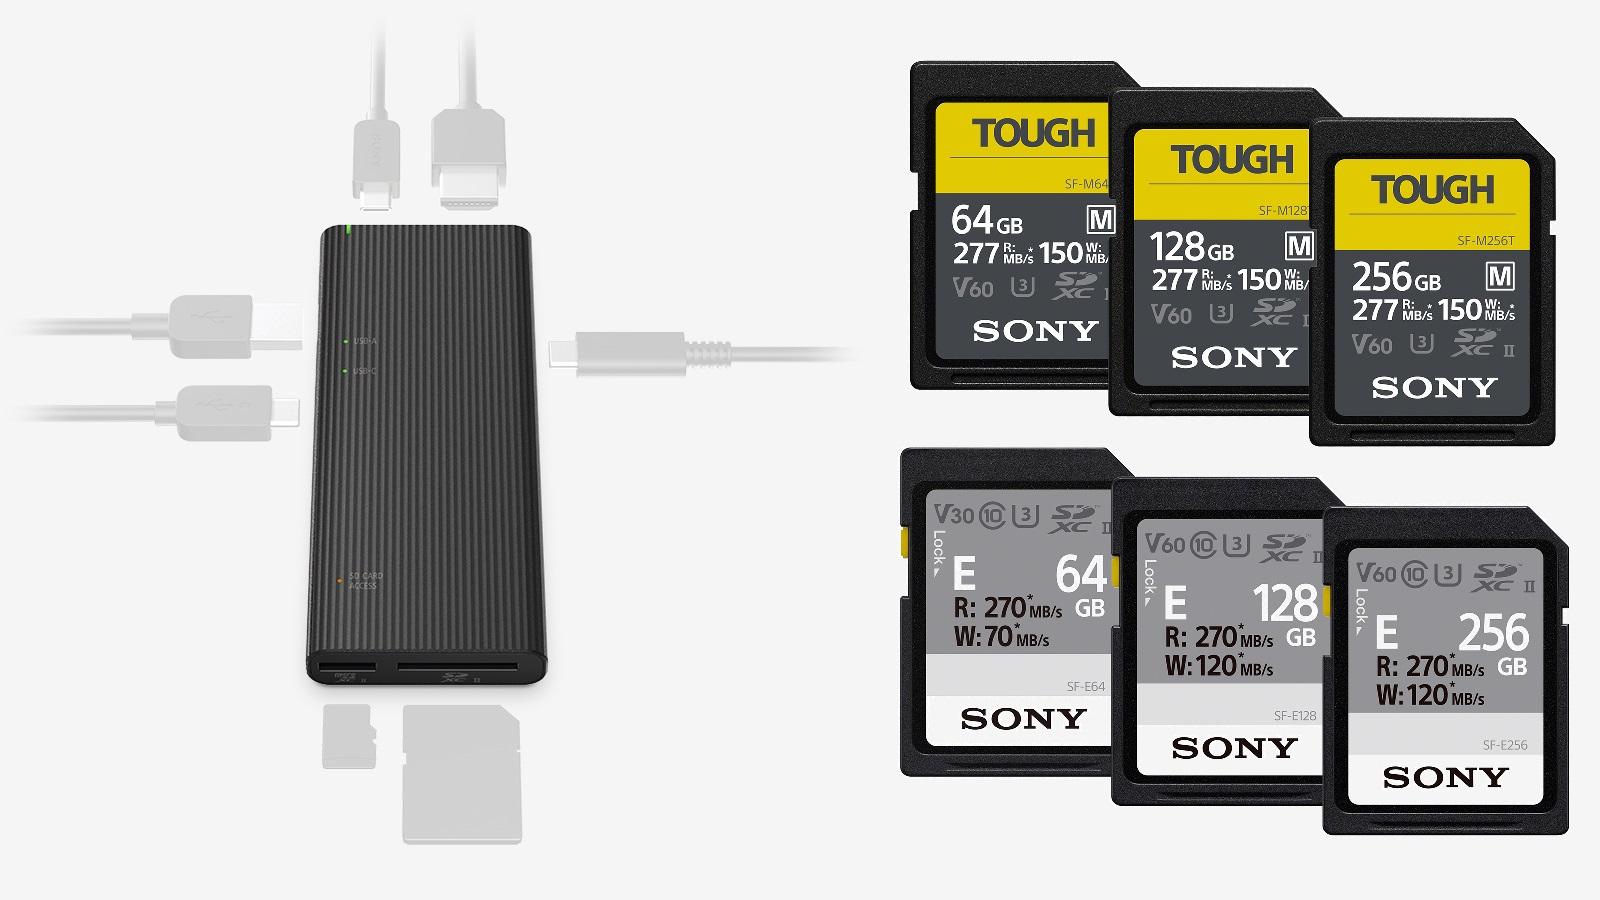 Sony – Anuncian el Concentrador USB más rápido del mundo y más tarjetas SDXC TOUGH